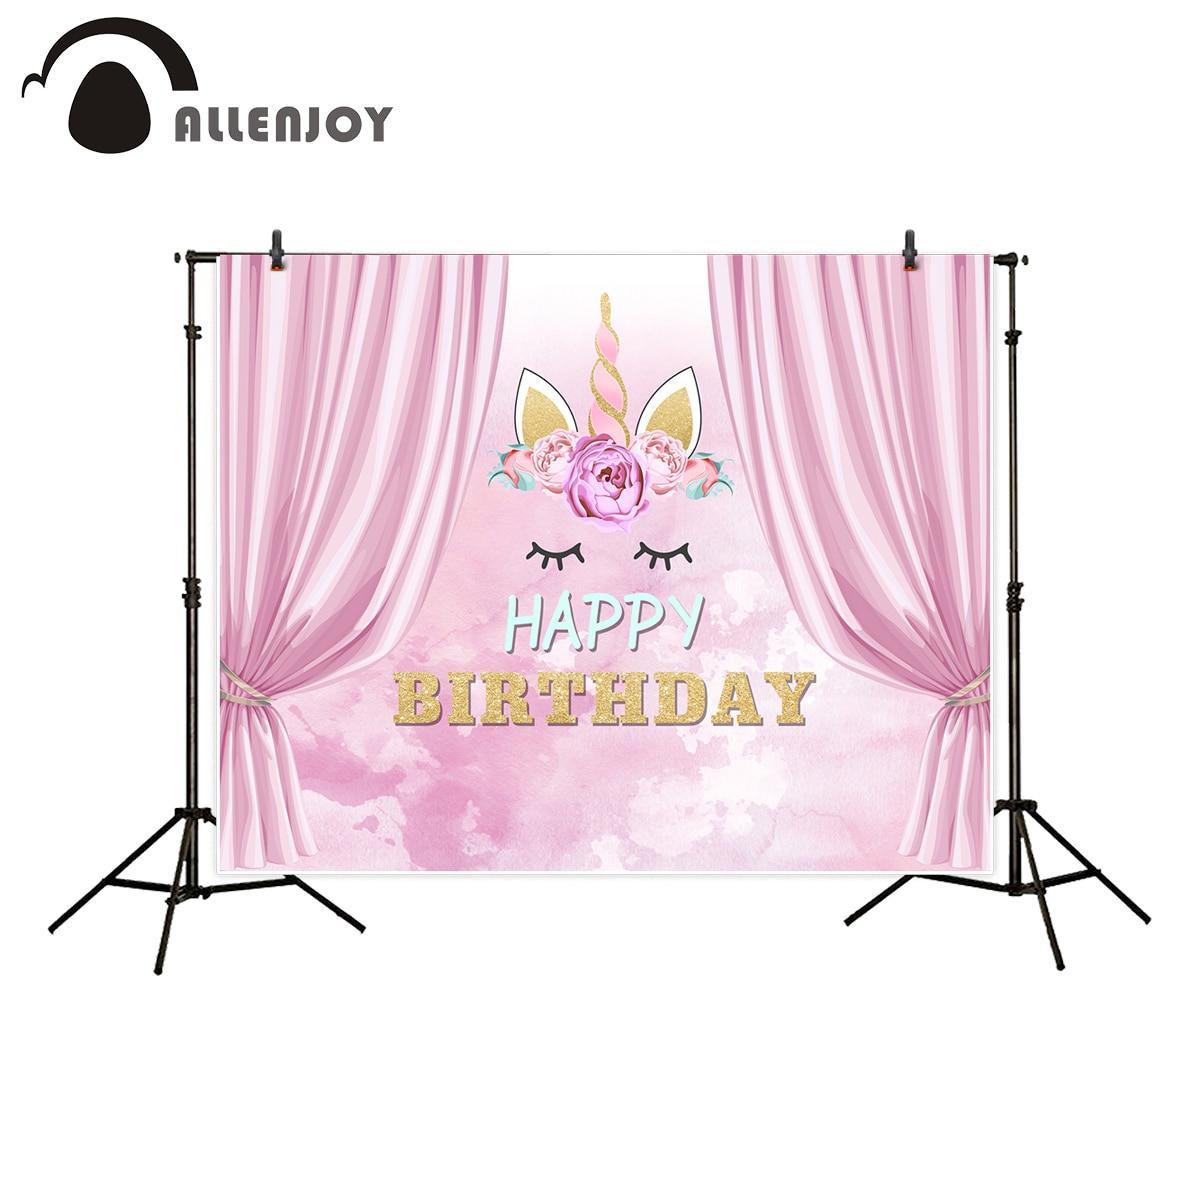 Allenjoy Photographie Toile De Fond Rose Rideaux Mignon Licorne Joyeux Anniversaire Fond Photo Studio Nouveau Design Caméra Fotografica